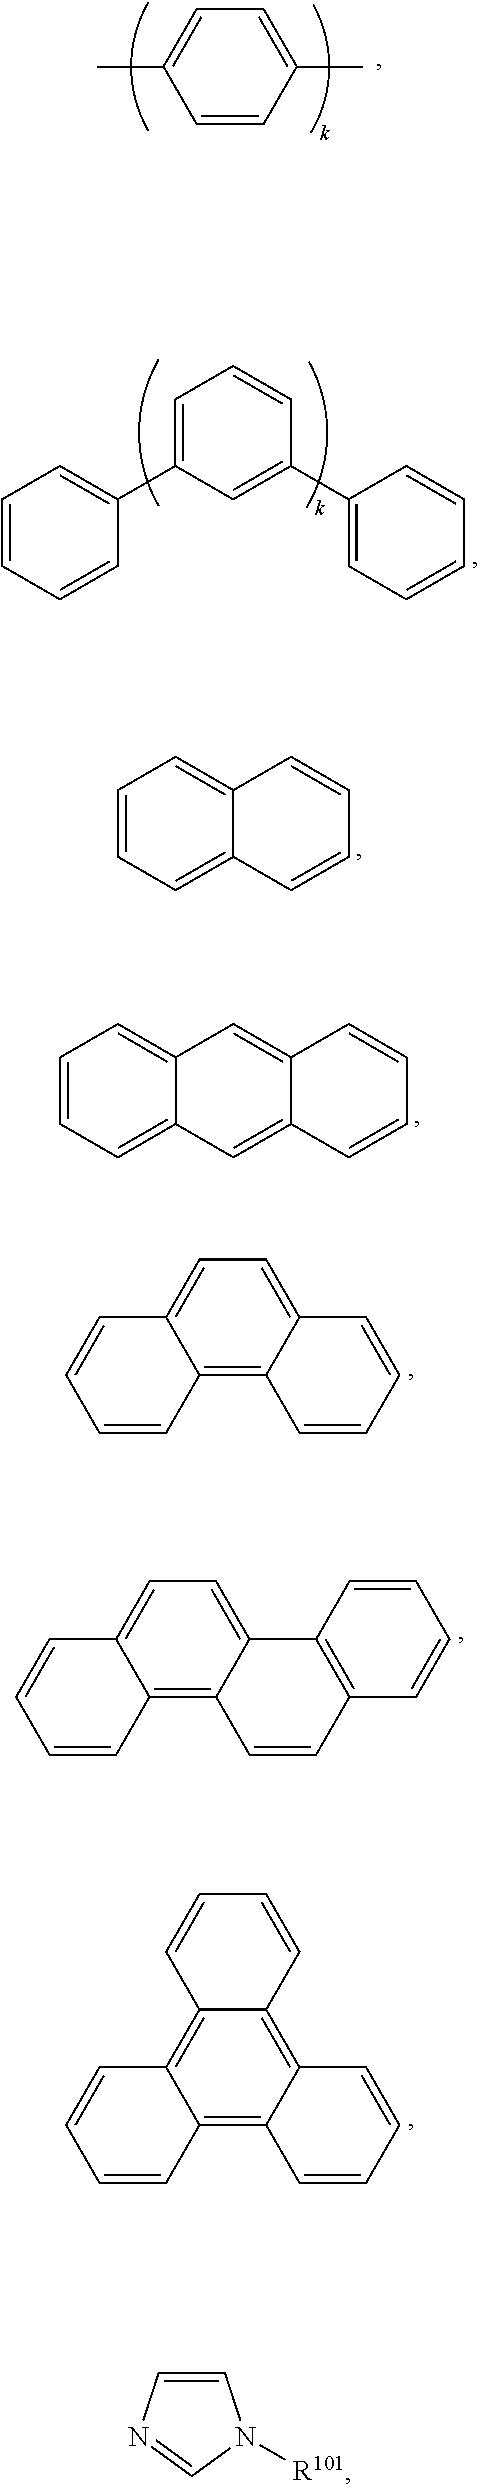 Figure US09711730-20170718-C00057